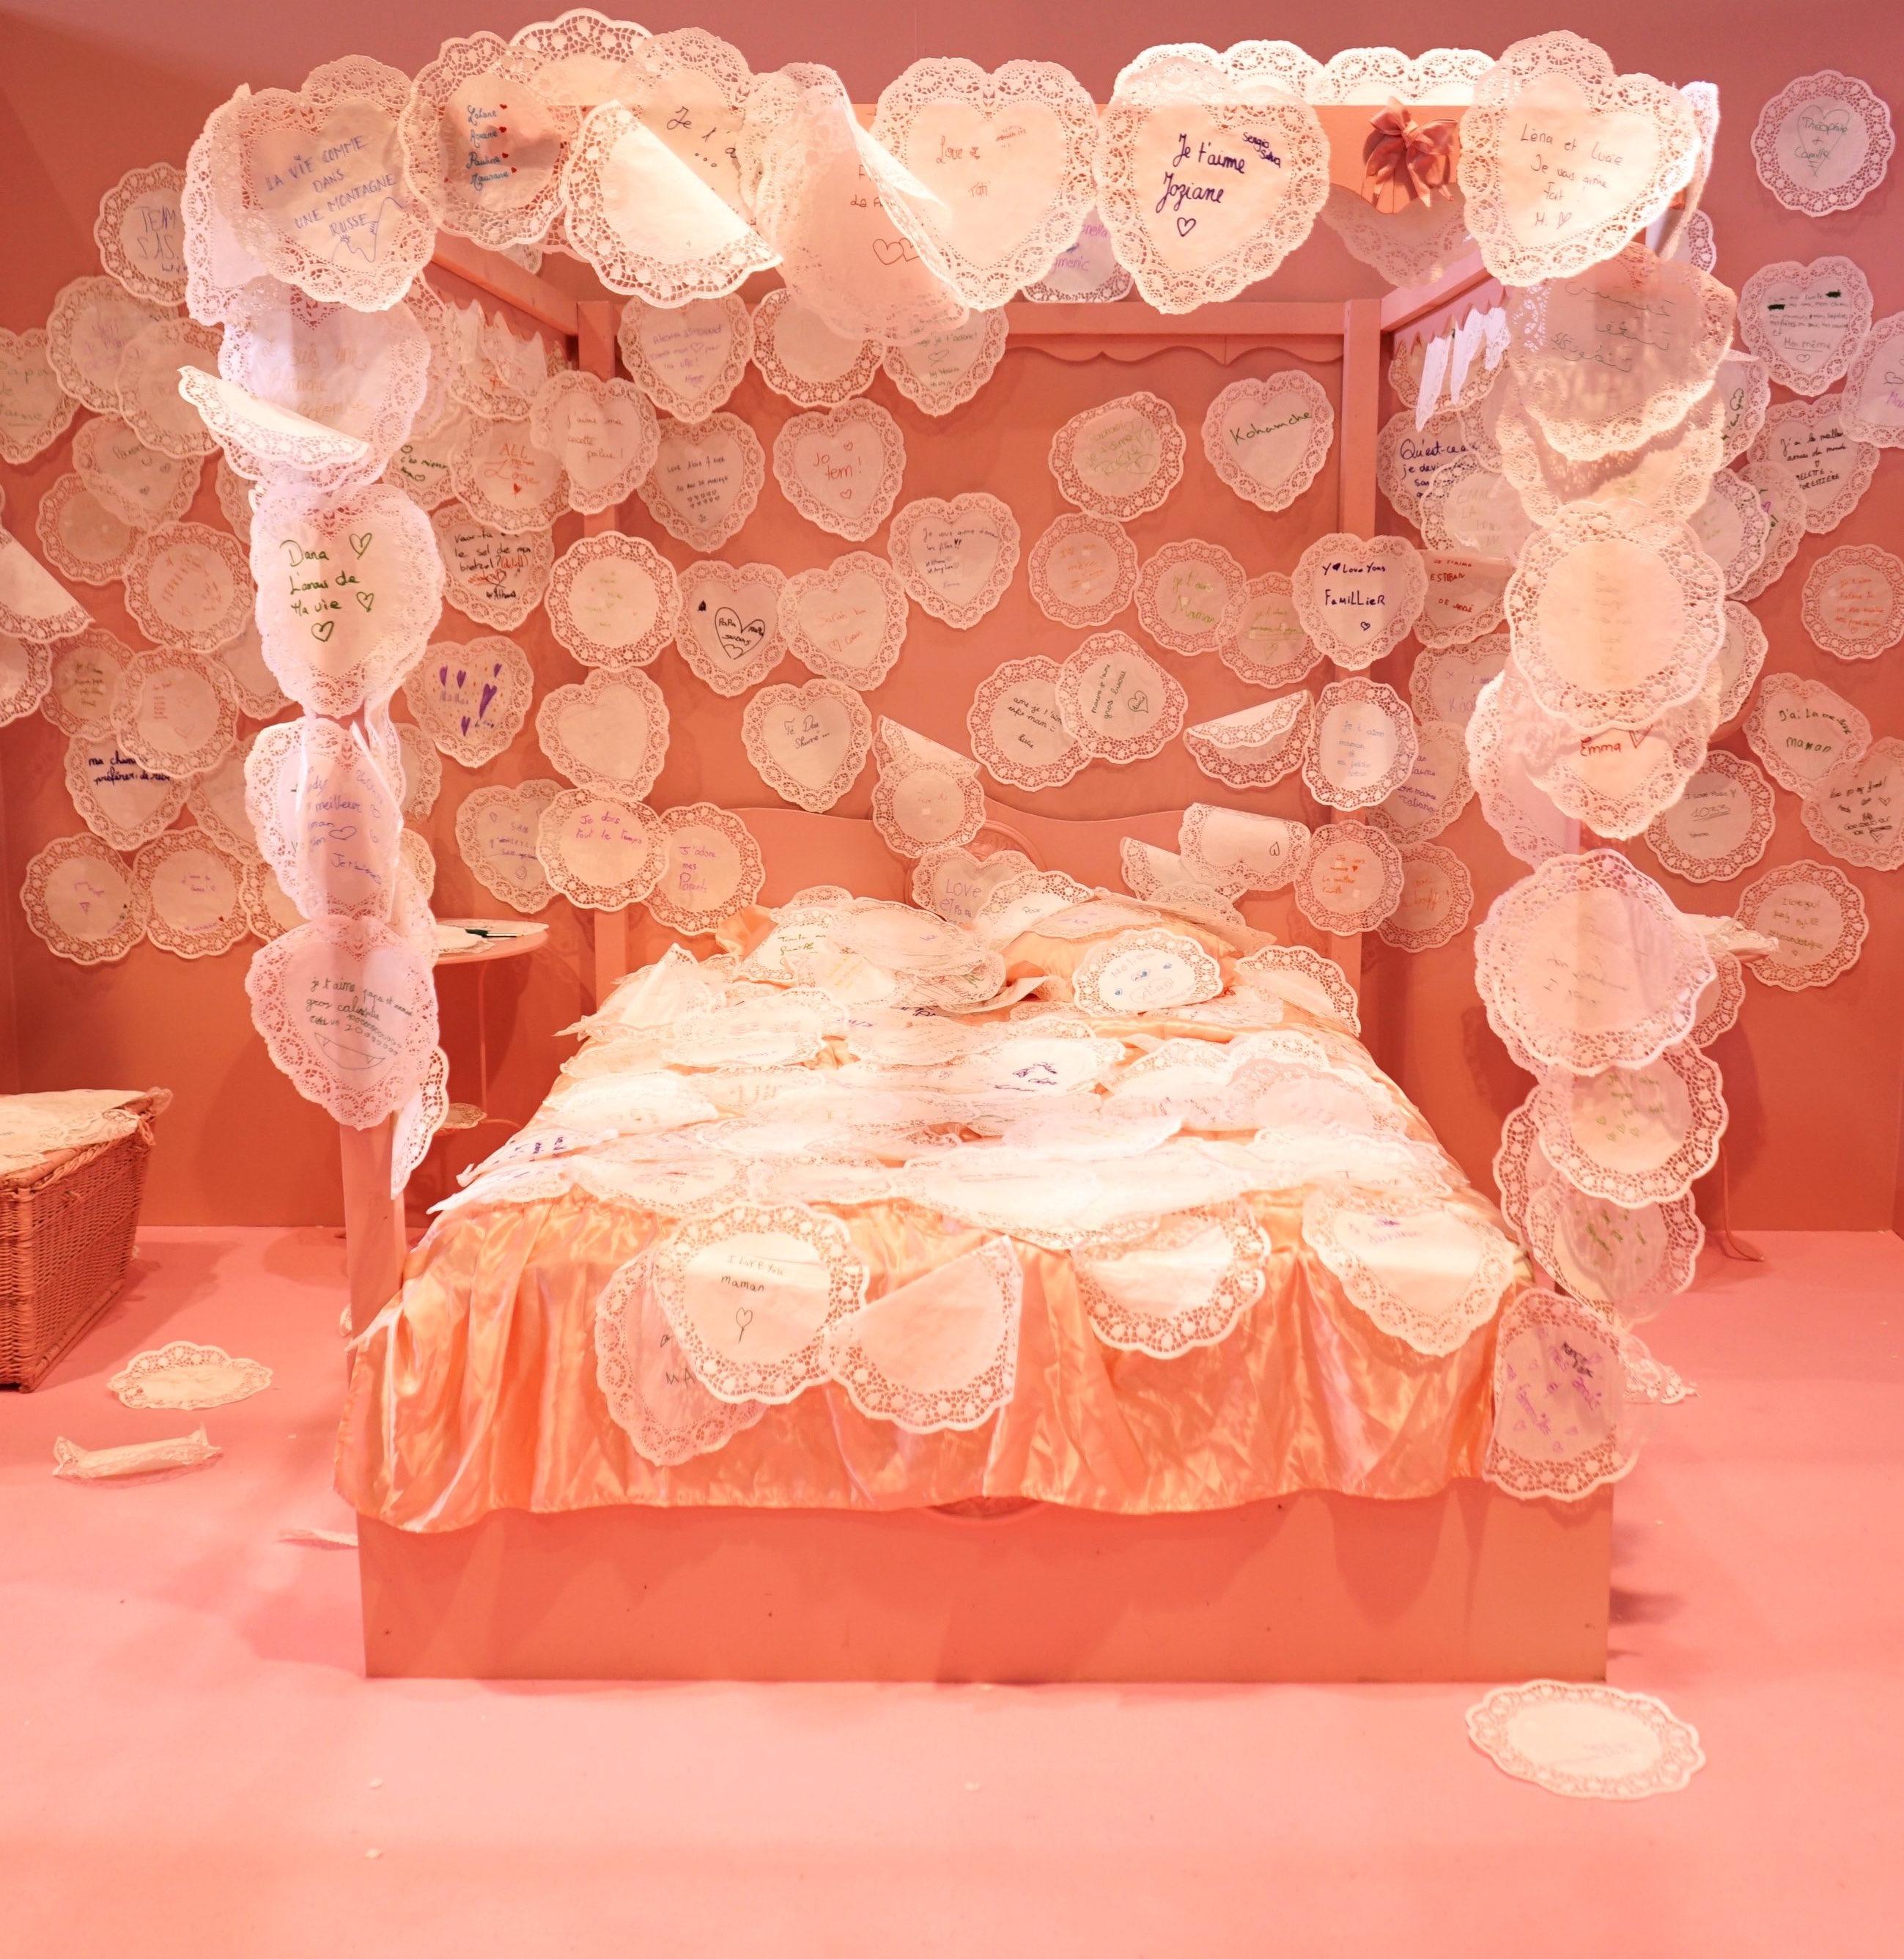 Photo de la chambre de la Fabrique au Salon du livre.